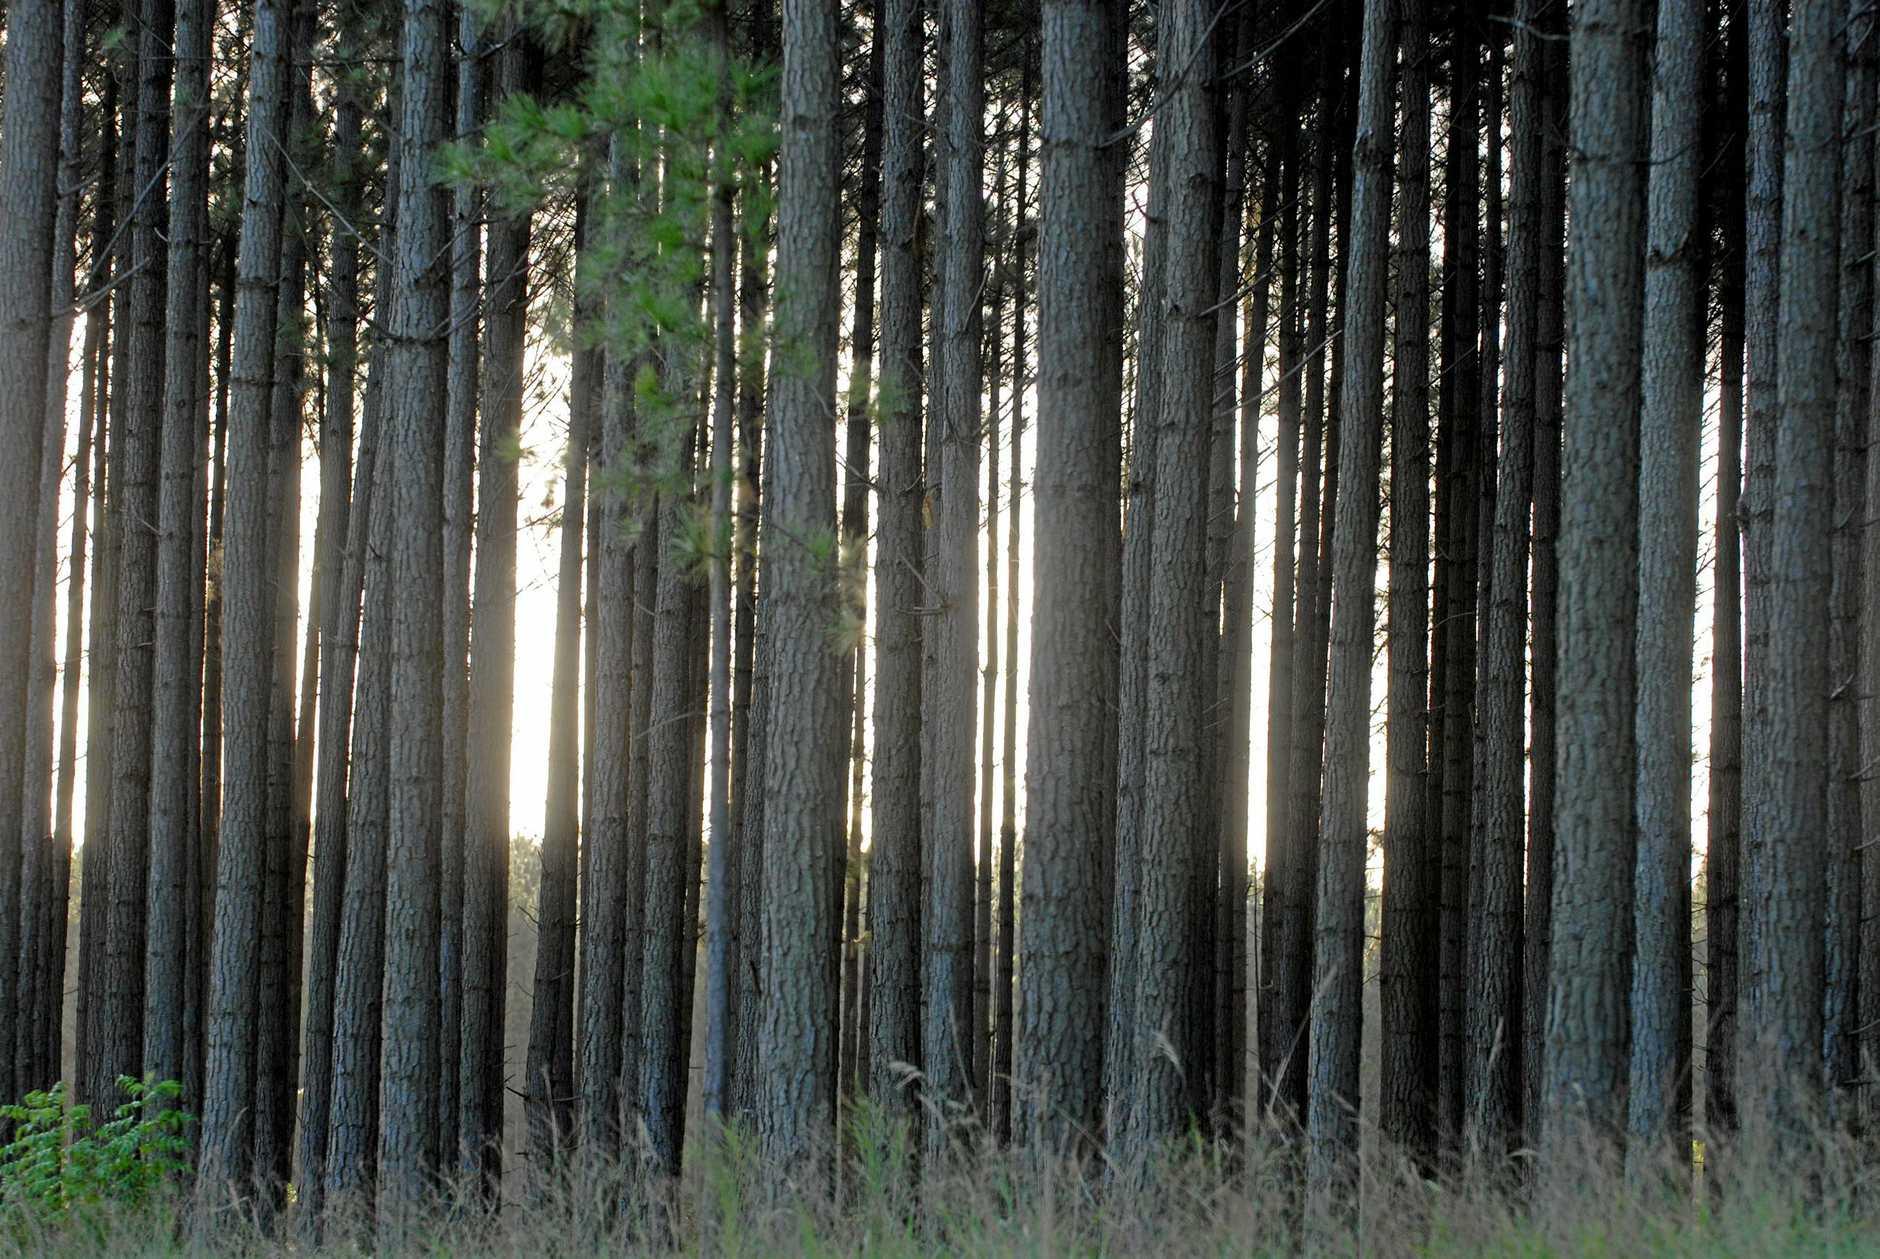 Hoop pine.